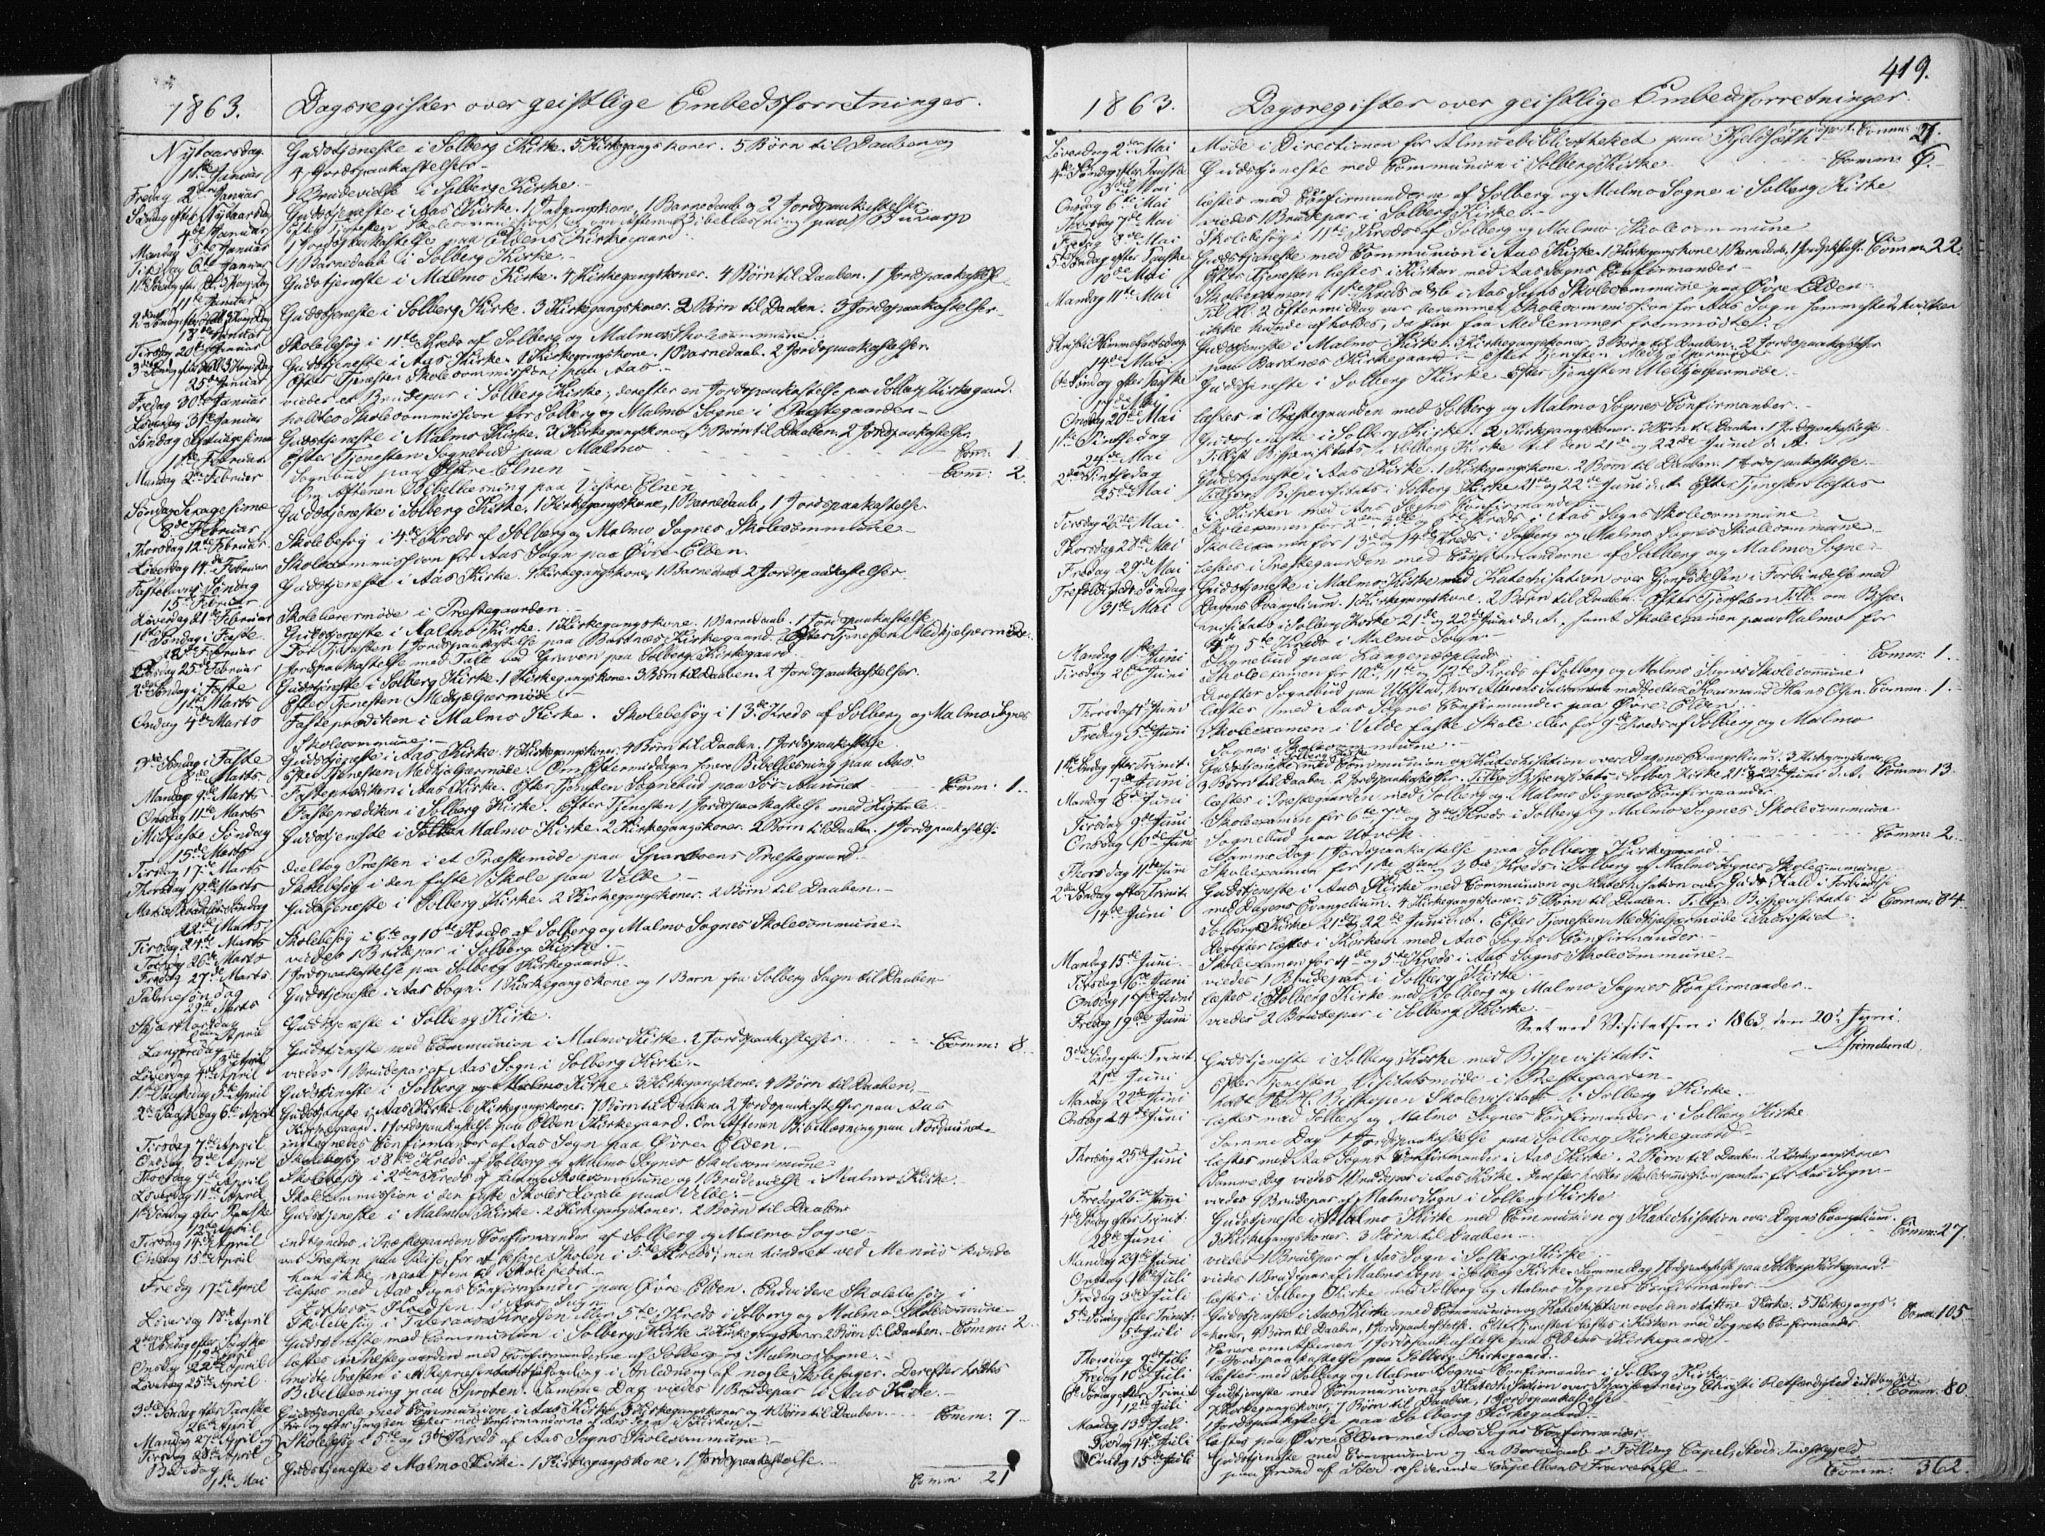 SAT, Ministerialprotokoller, klokkerbøker og fødselsregistre - Nord-Trøndelag, 741/L0393: Ministerialbok nr. 741A07, 1849-1863, s. 419